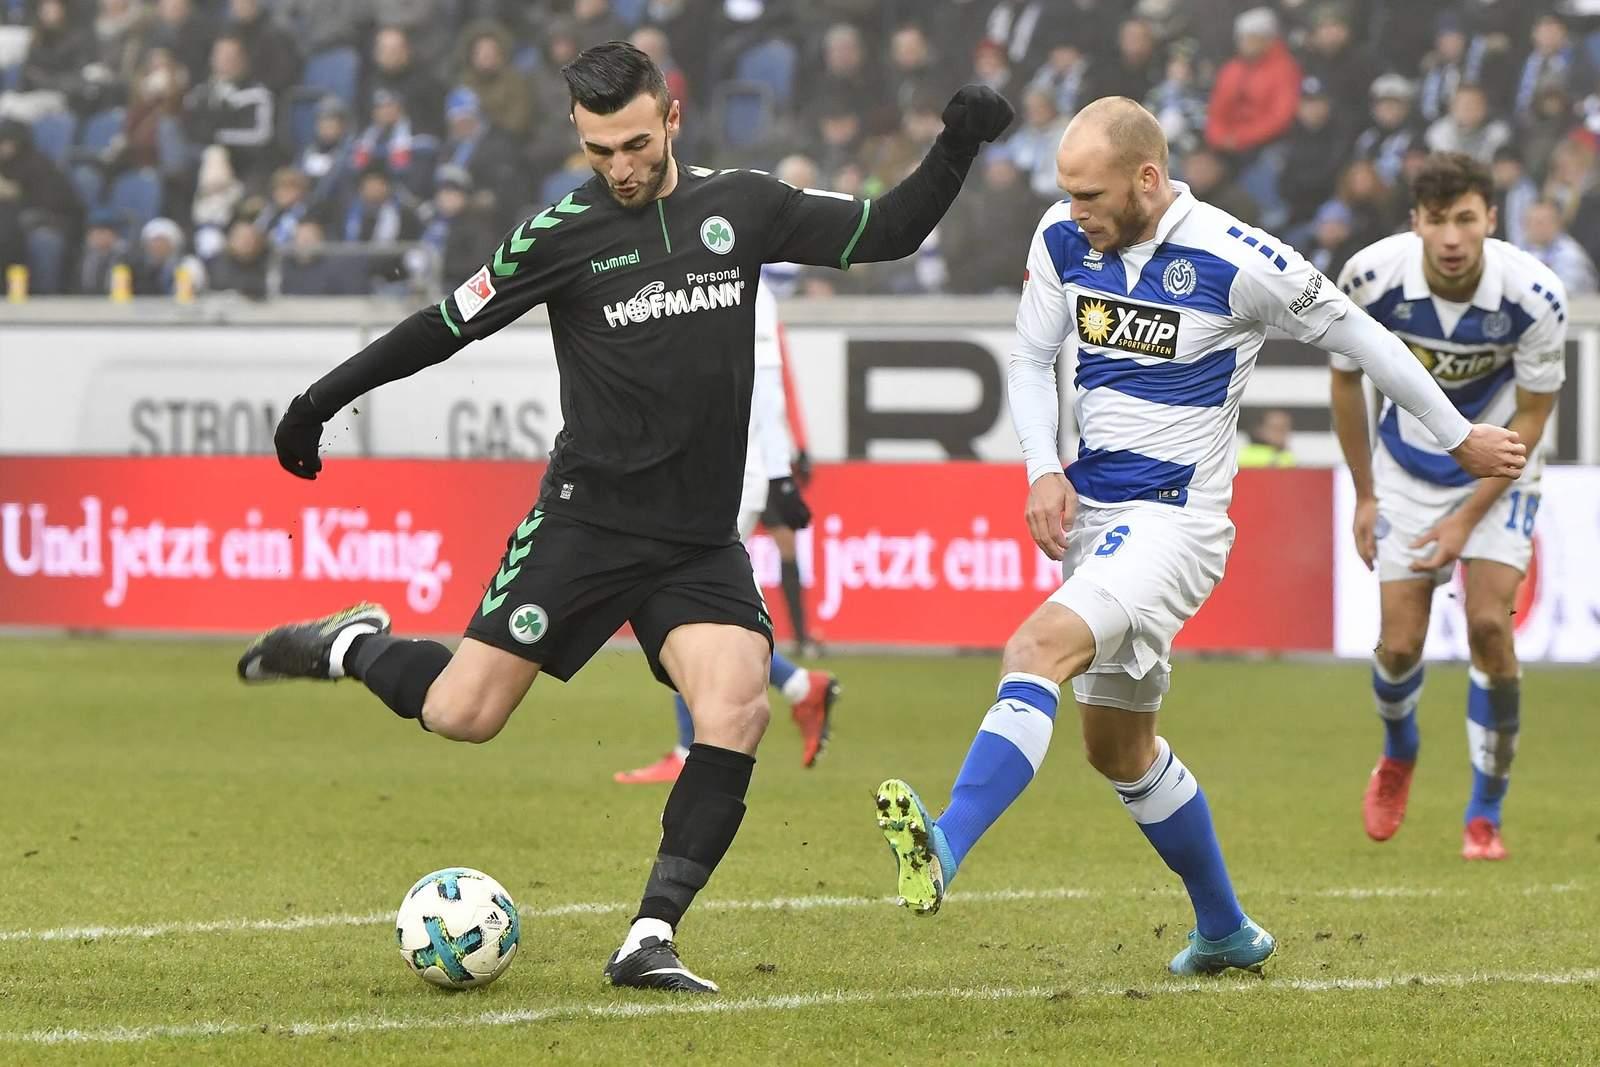 Serdar Dursun von Greuther Fürth gegen Gerrit Nauber vom MSV Duisburg